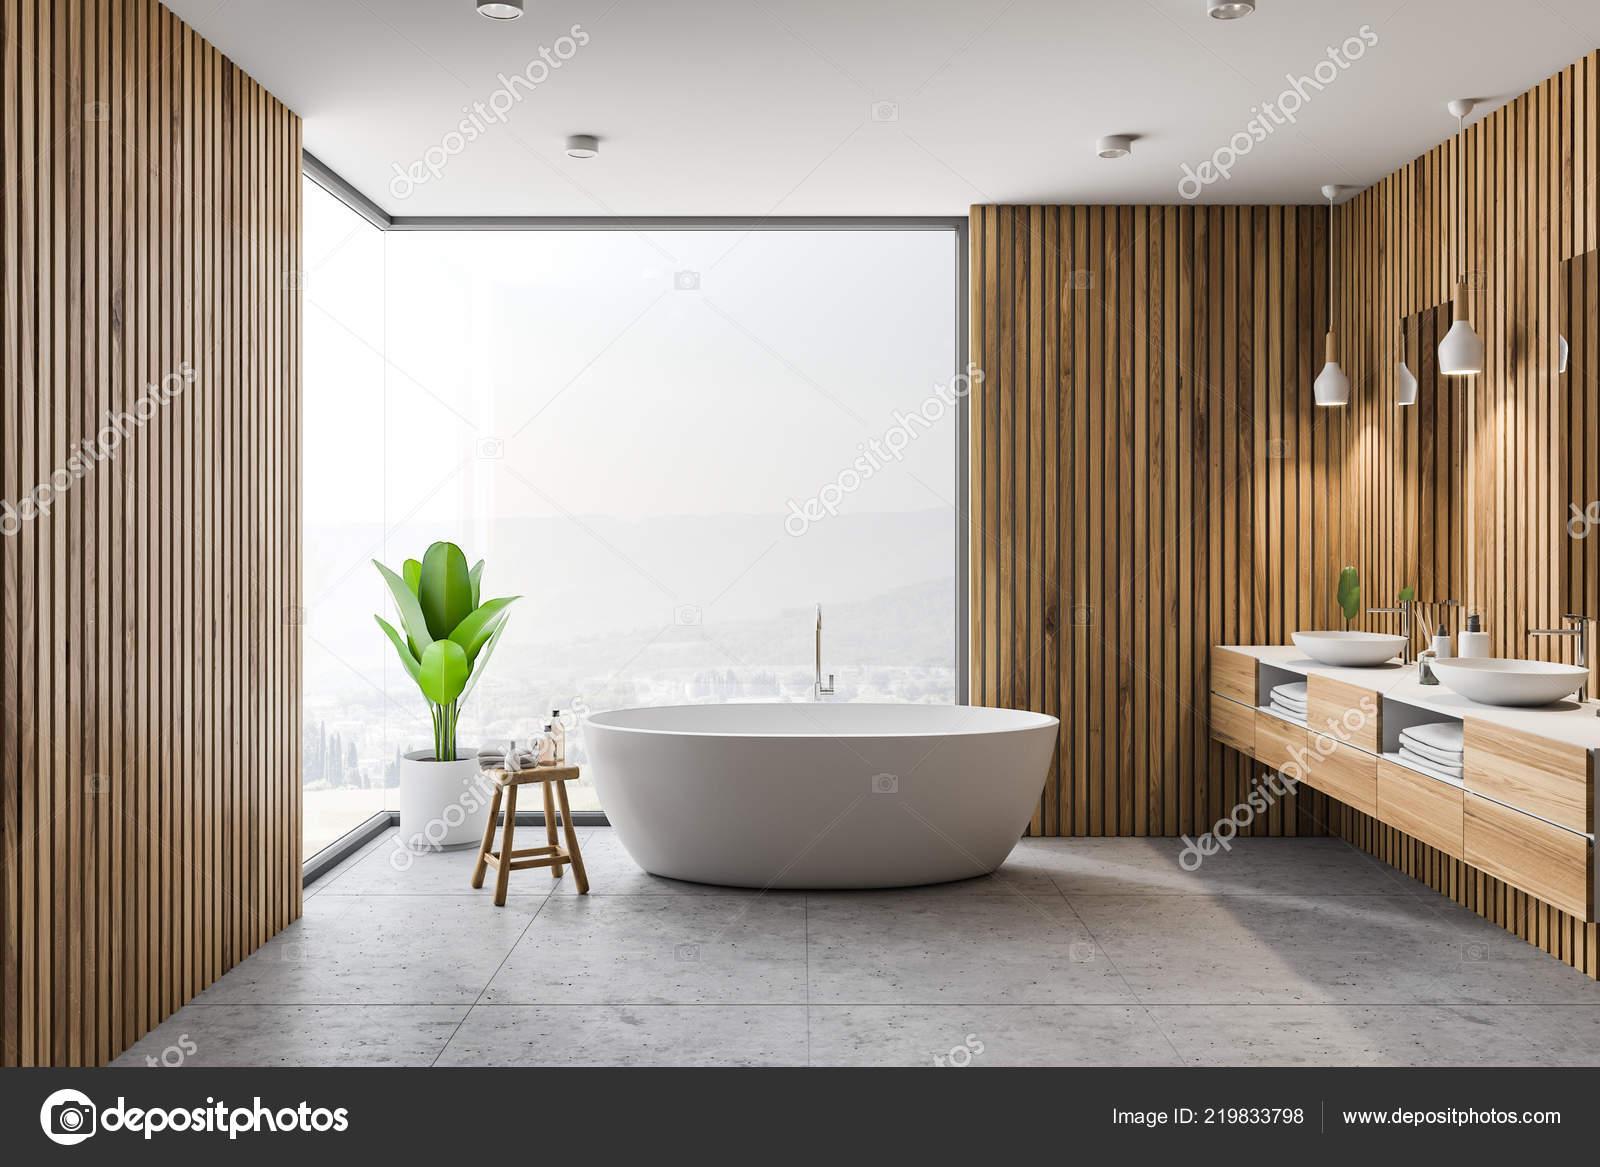 Moderne Badkamer Interieur Met Houten Wanden Grijze Vloer Witte Bad Stockfoto Rechtenvrije Foto Door C Denisismagilov 219833798